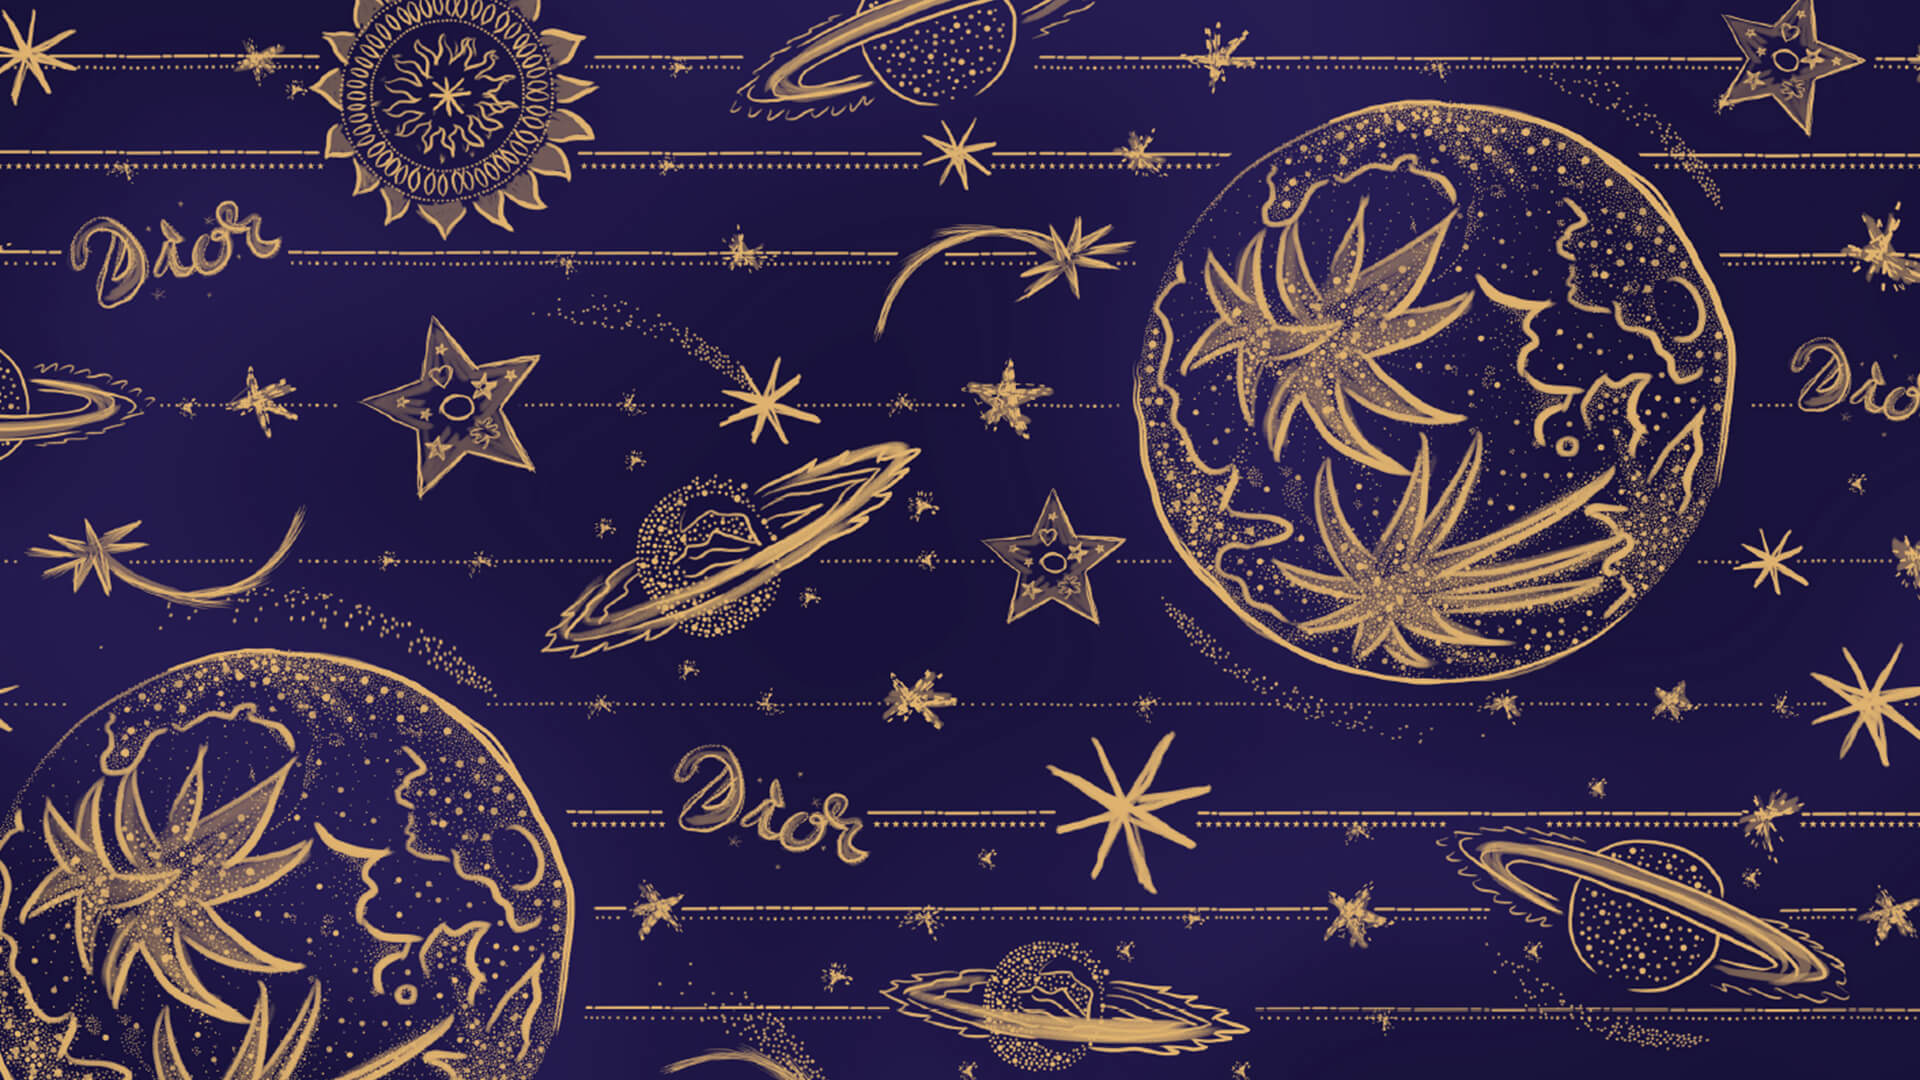 Lanterne Full Moon Festival Dior 5 Illustration Et Design Objet